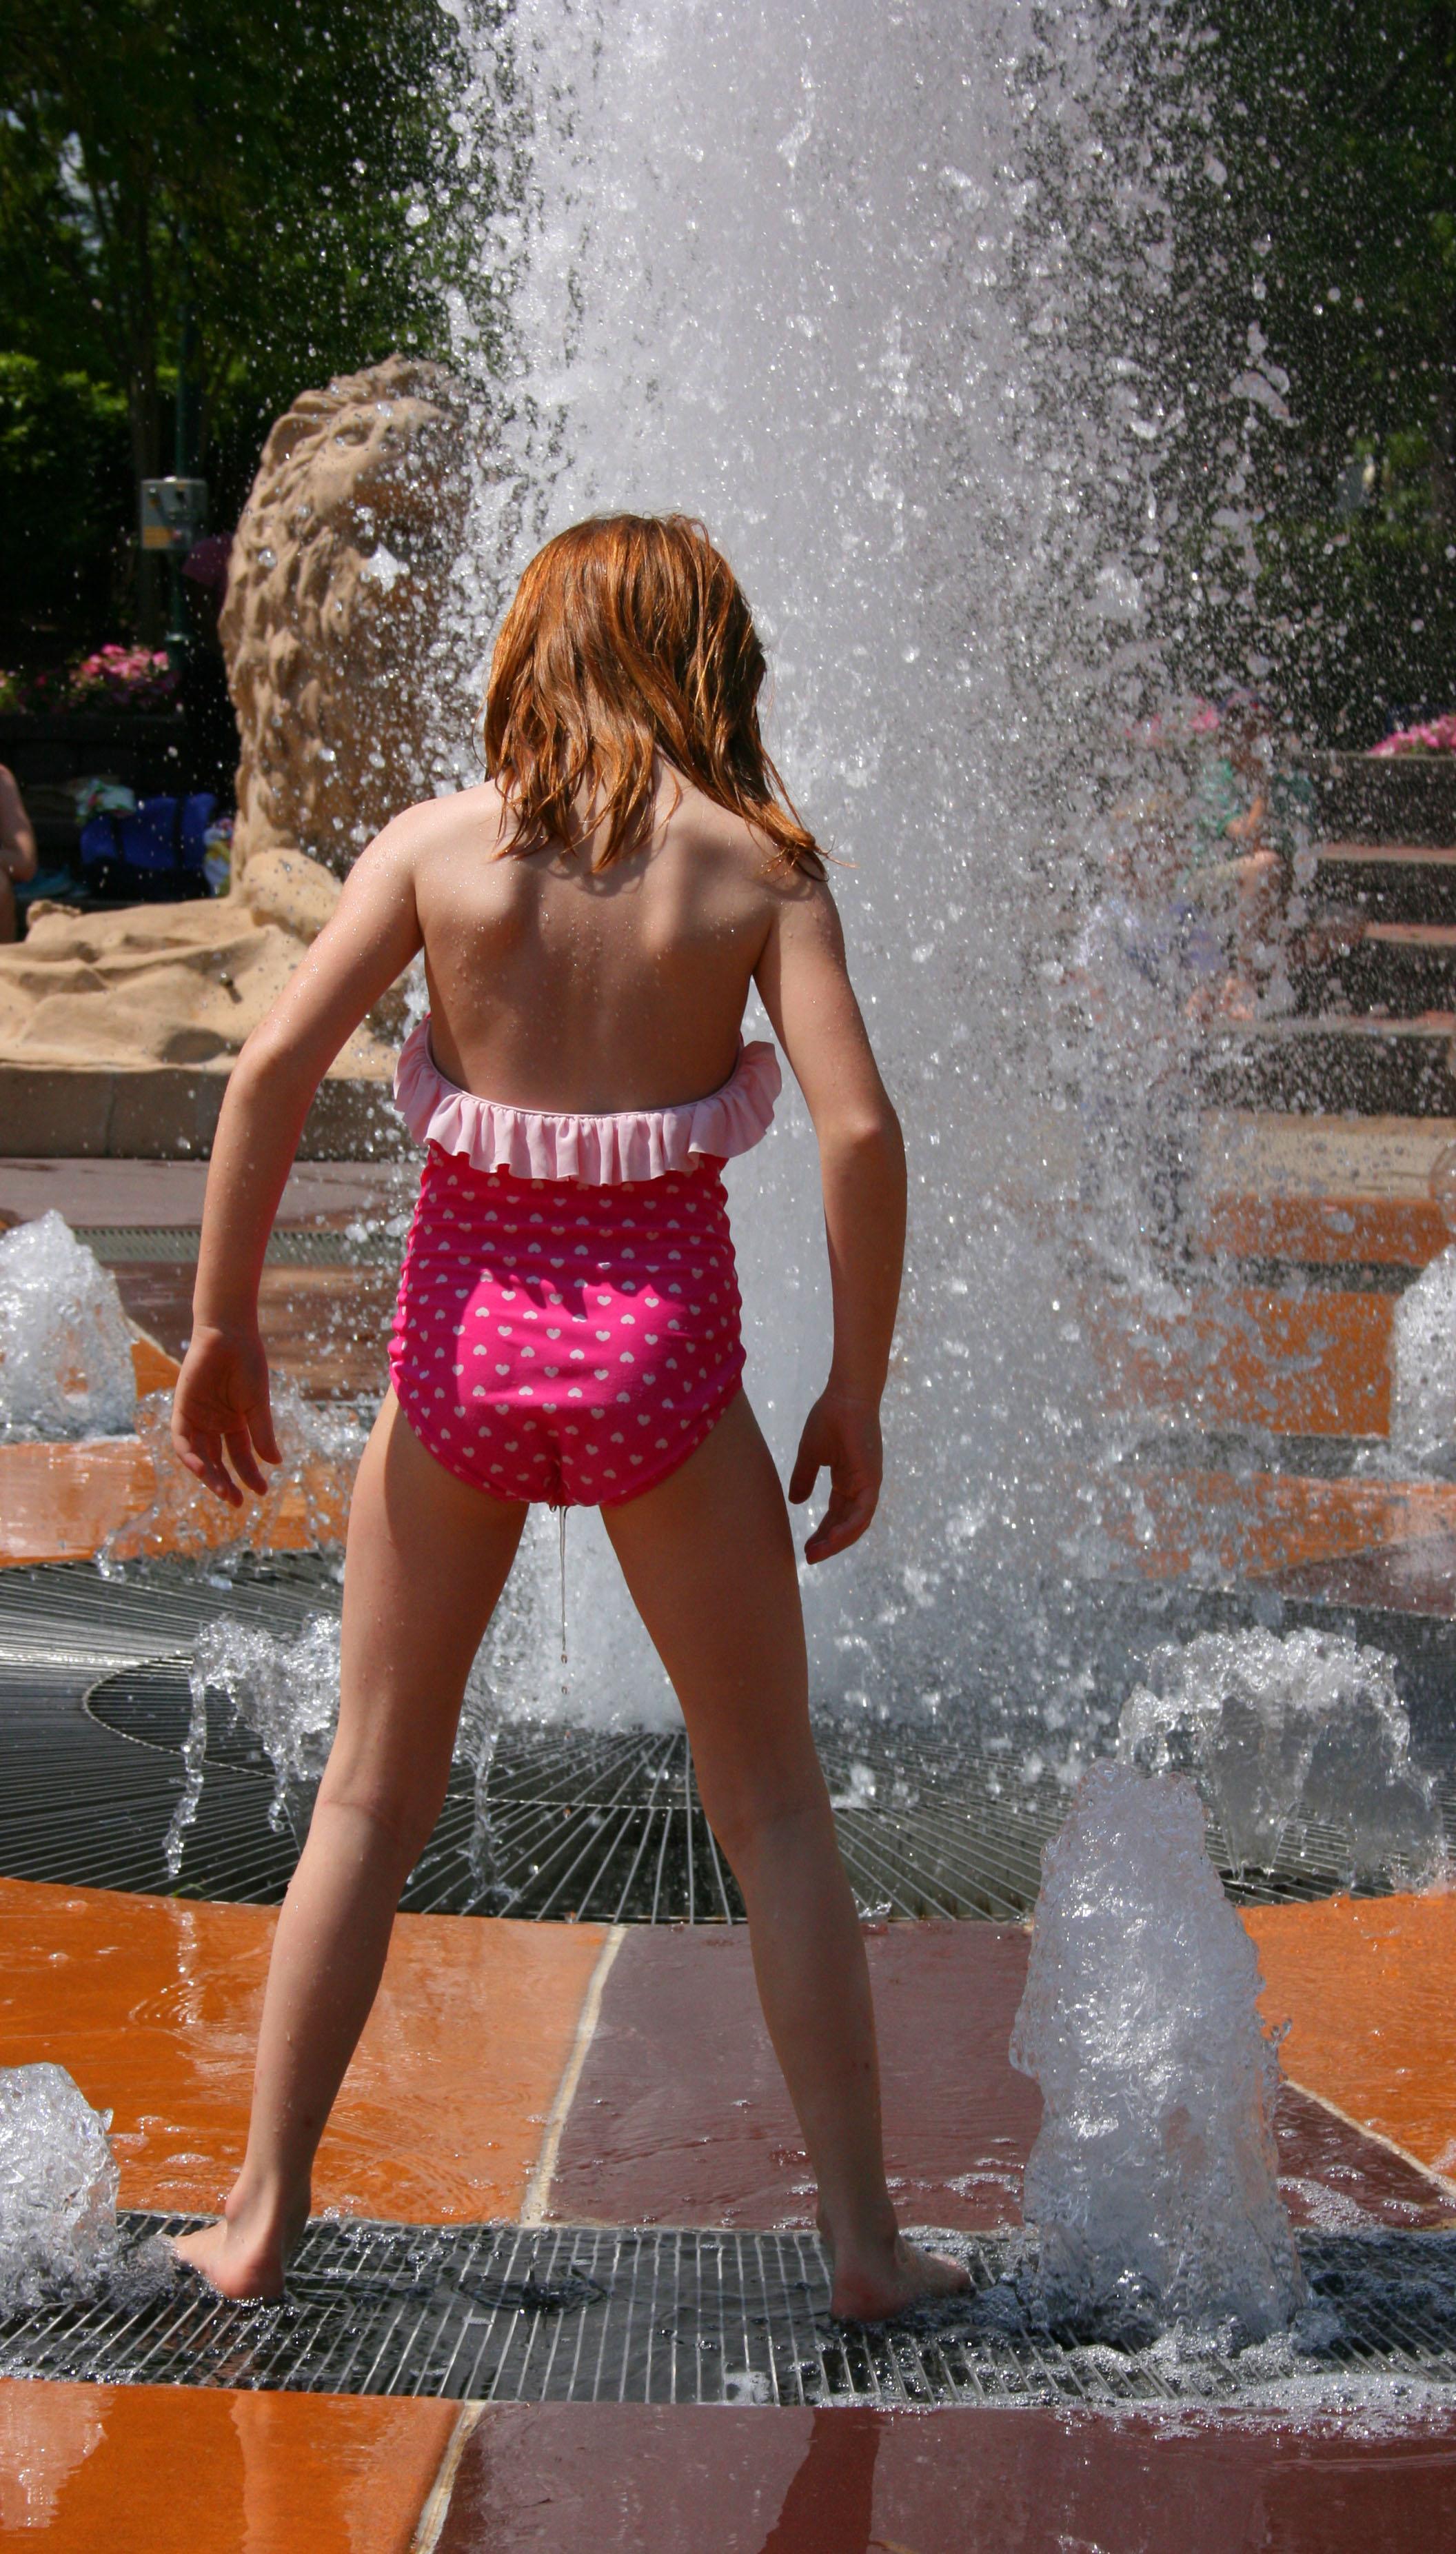 girlsdelta com&rikitake girlsdelta.com rikako